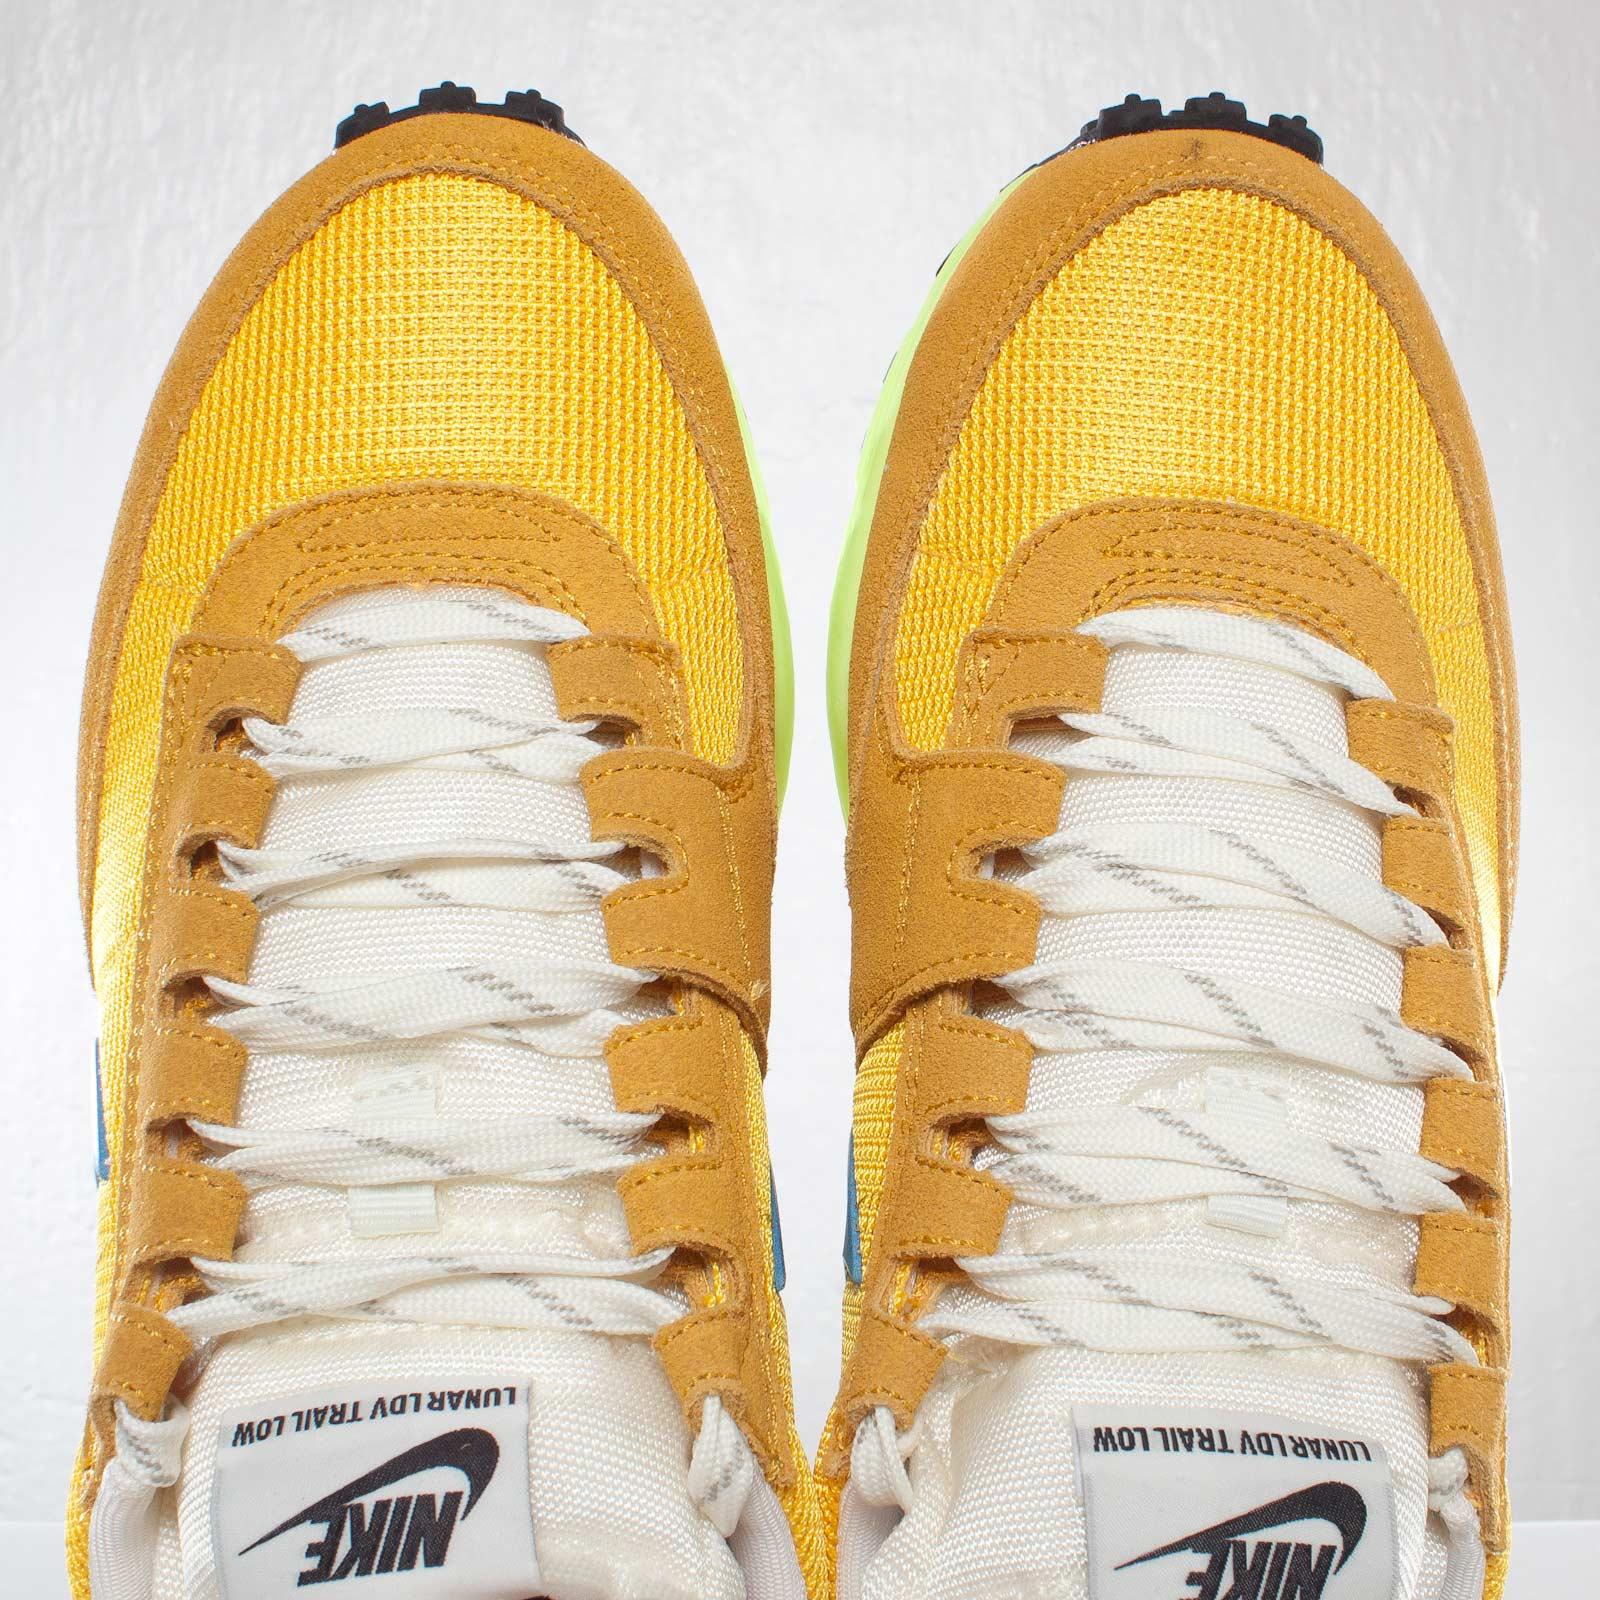 best service 3239e ec4f3 Nike Lunar LDV Trail Low QS - 621182-740 - Sneakersnstuff   sneakers    streetwear online since 1999